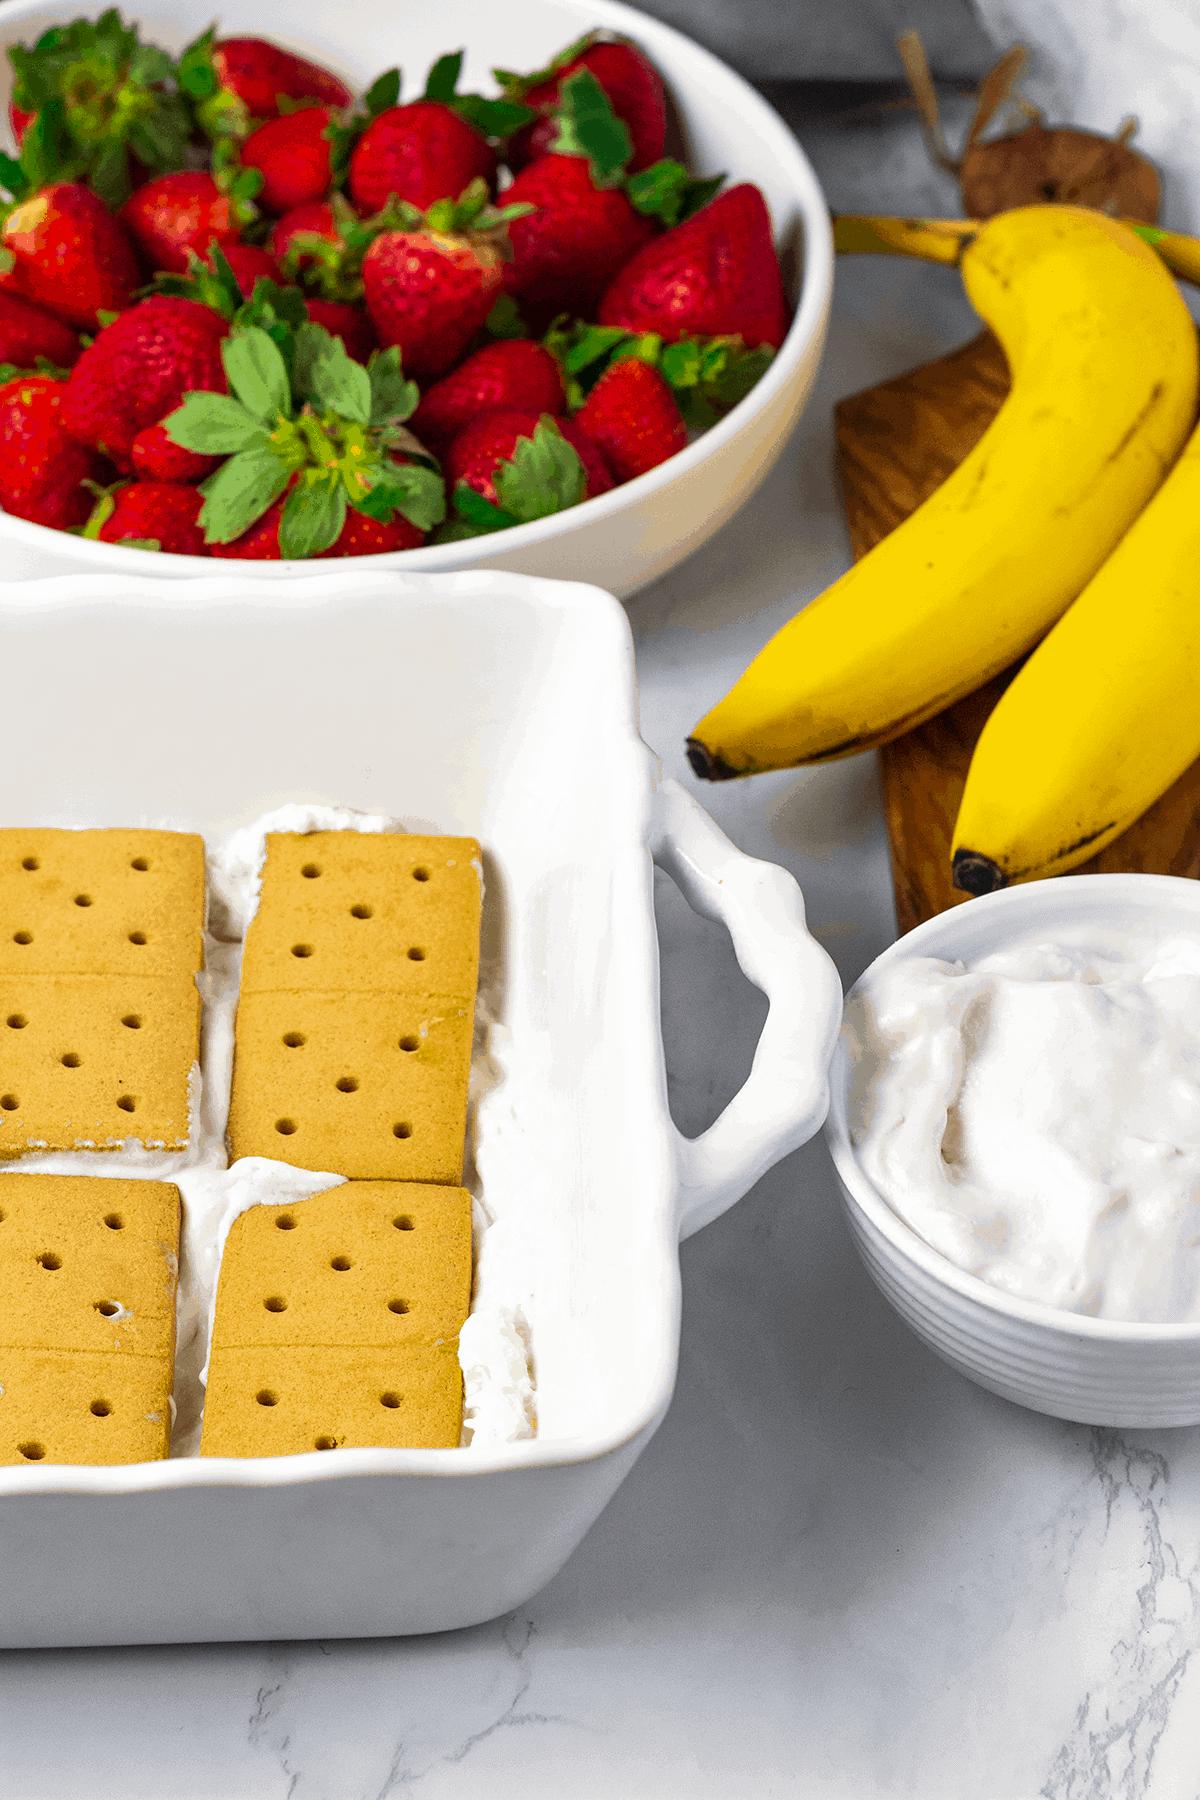 Vegan strawberry ice box cake ingredients, Graham crackers, whipped cream, banana, strawberry